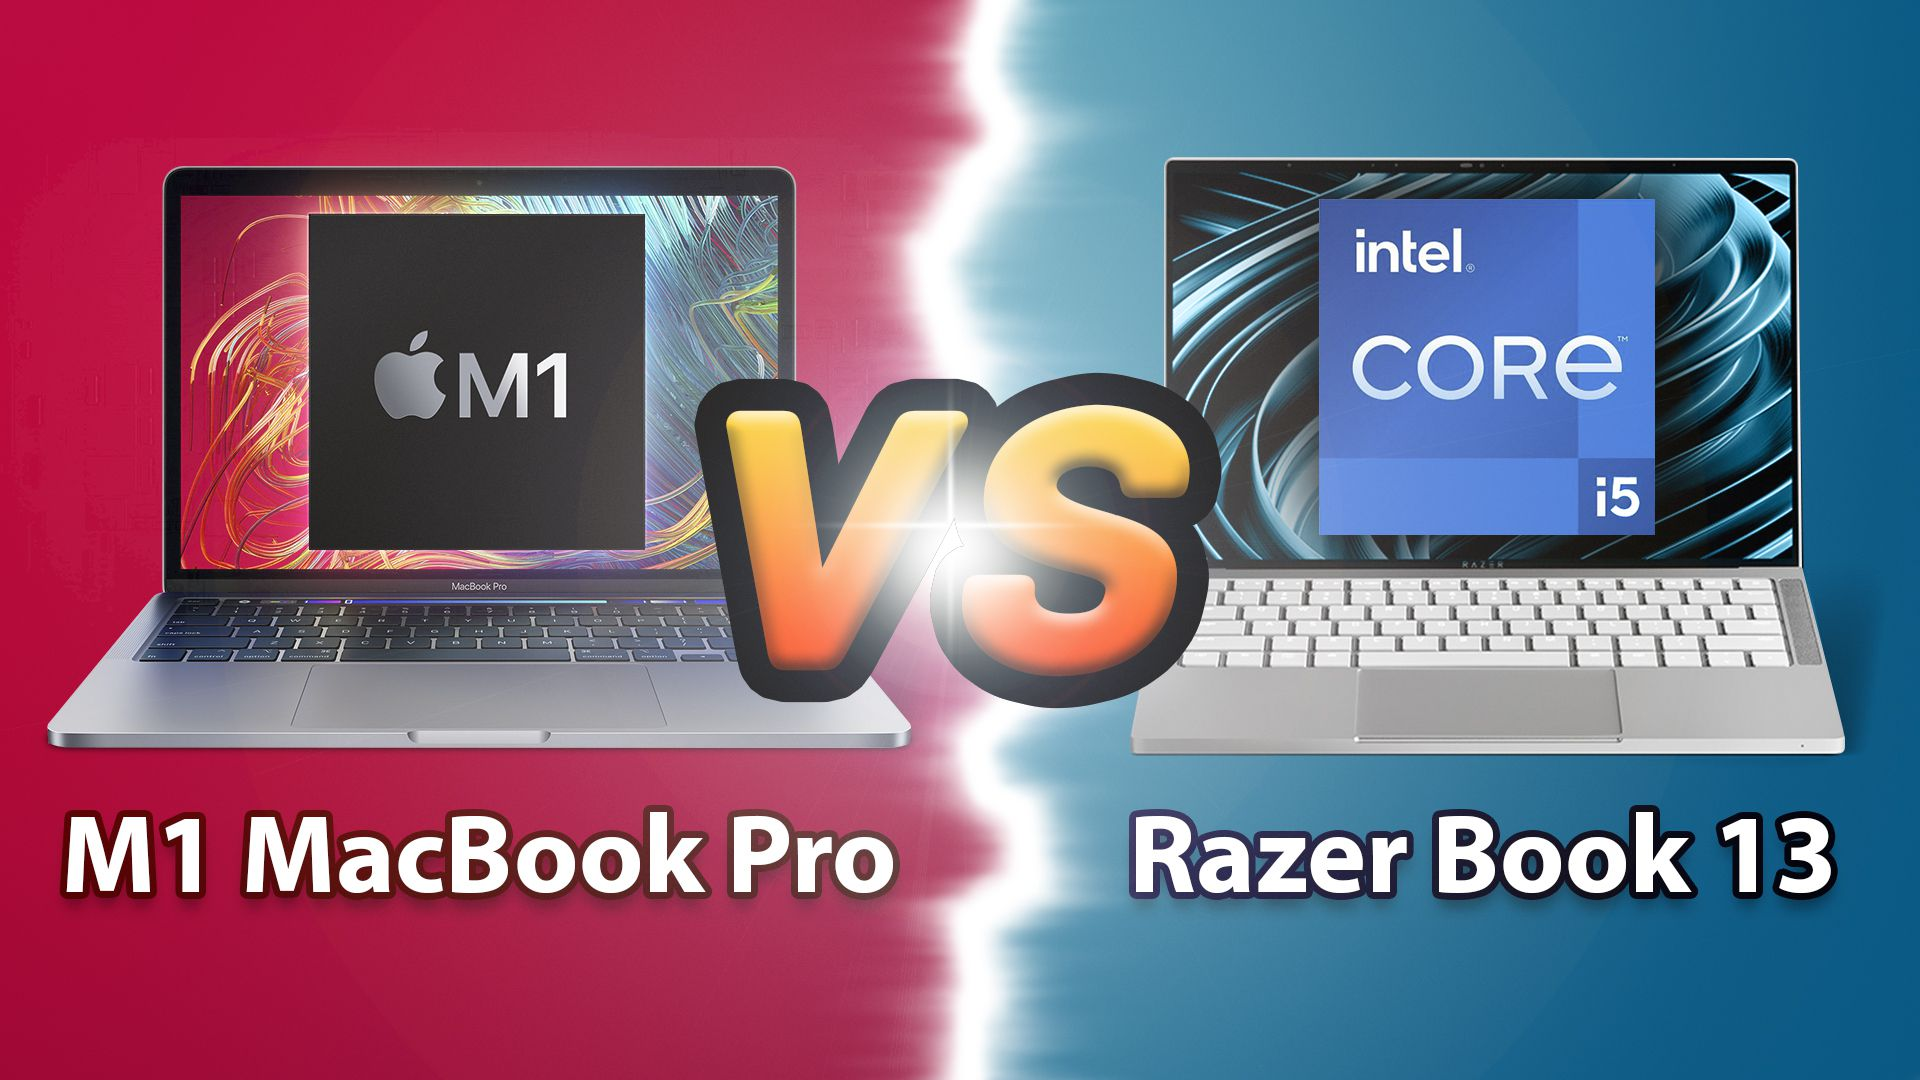 Comparison: M1 MacBook Pro vs Razer Book 13